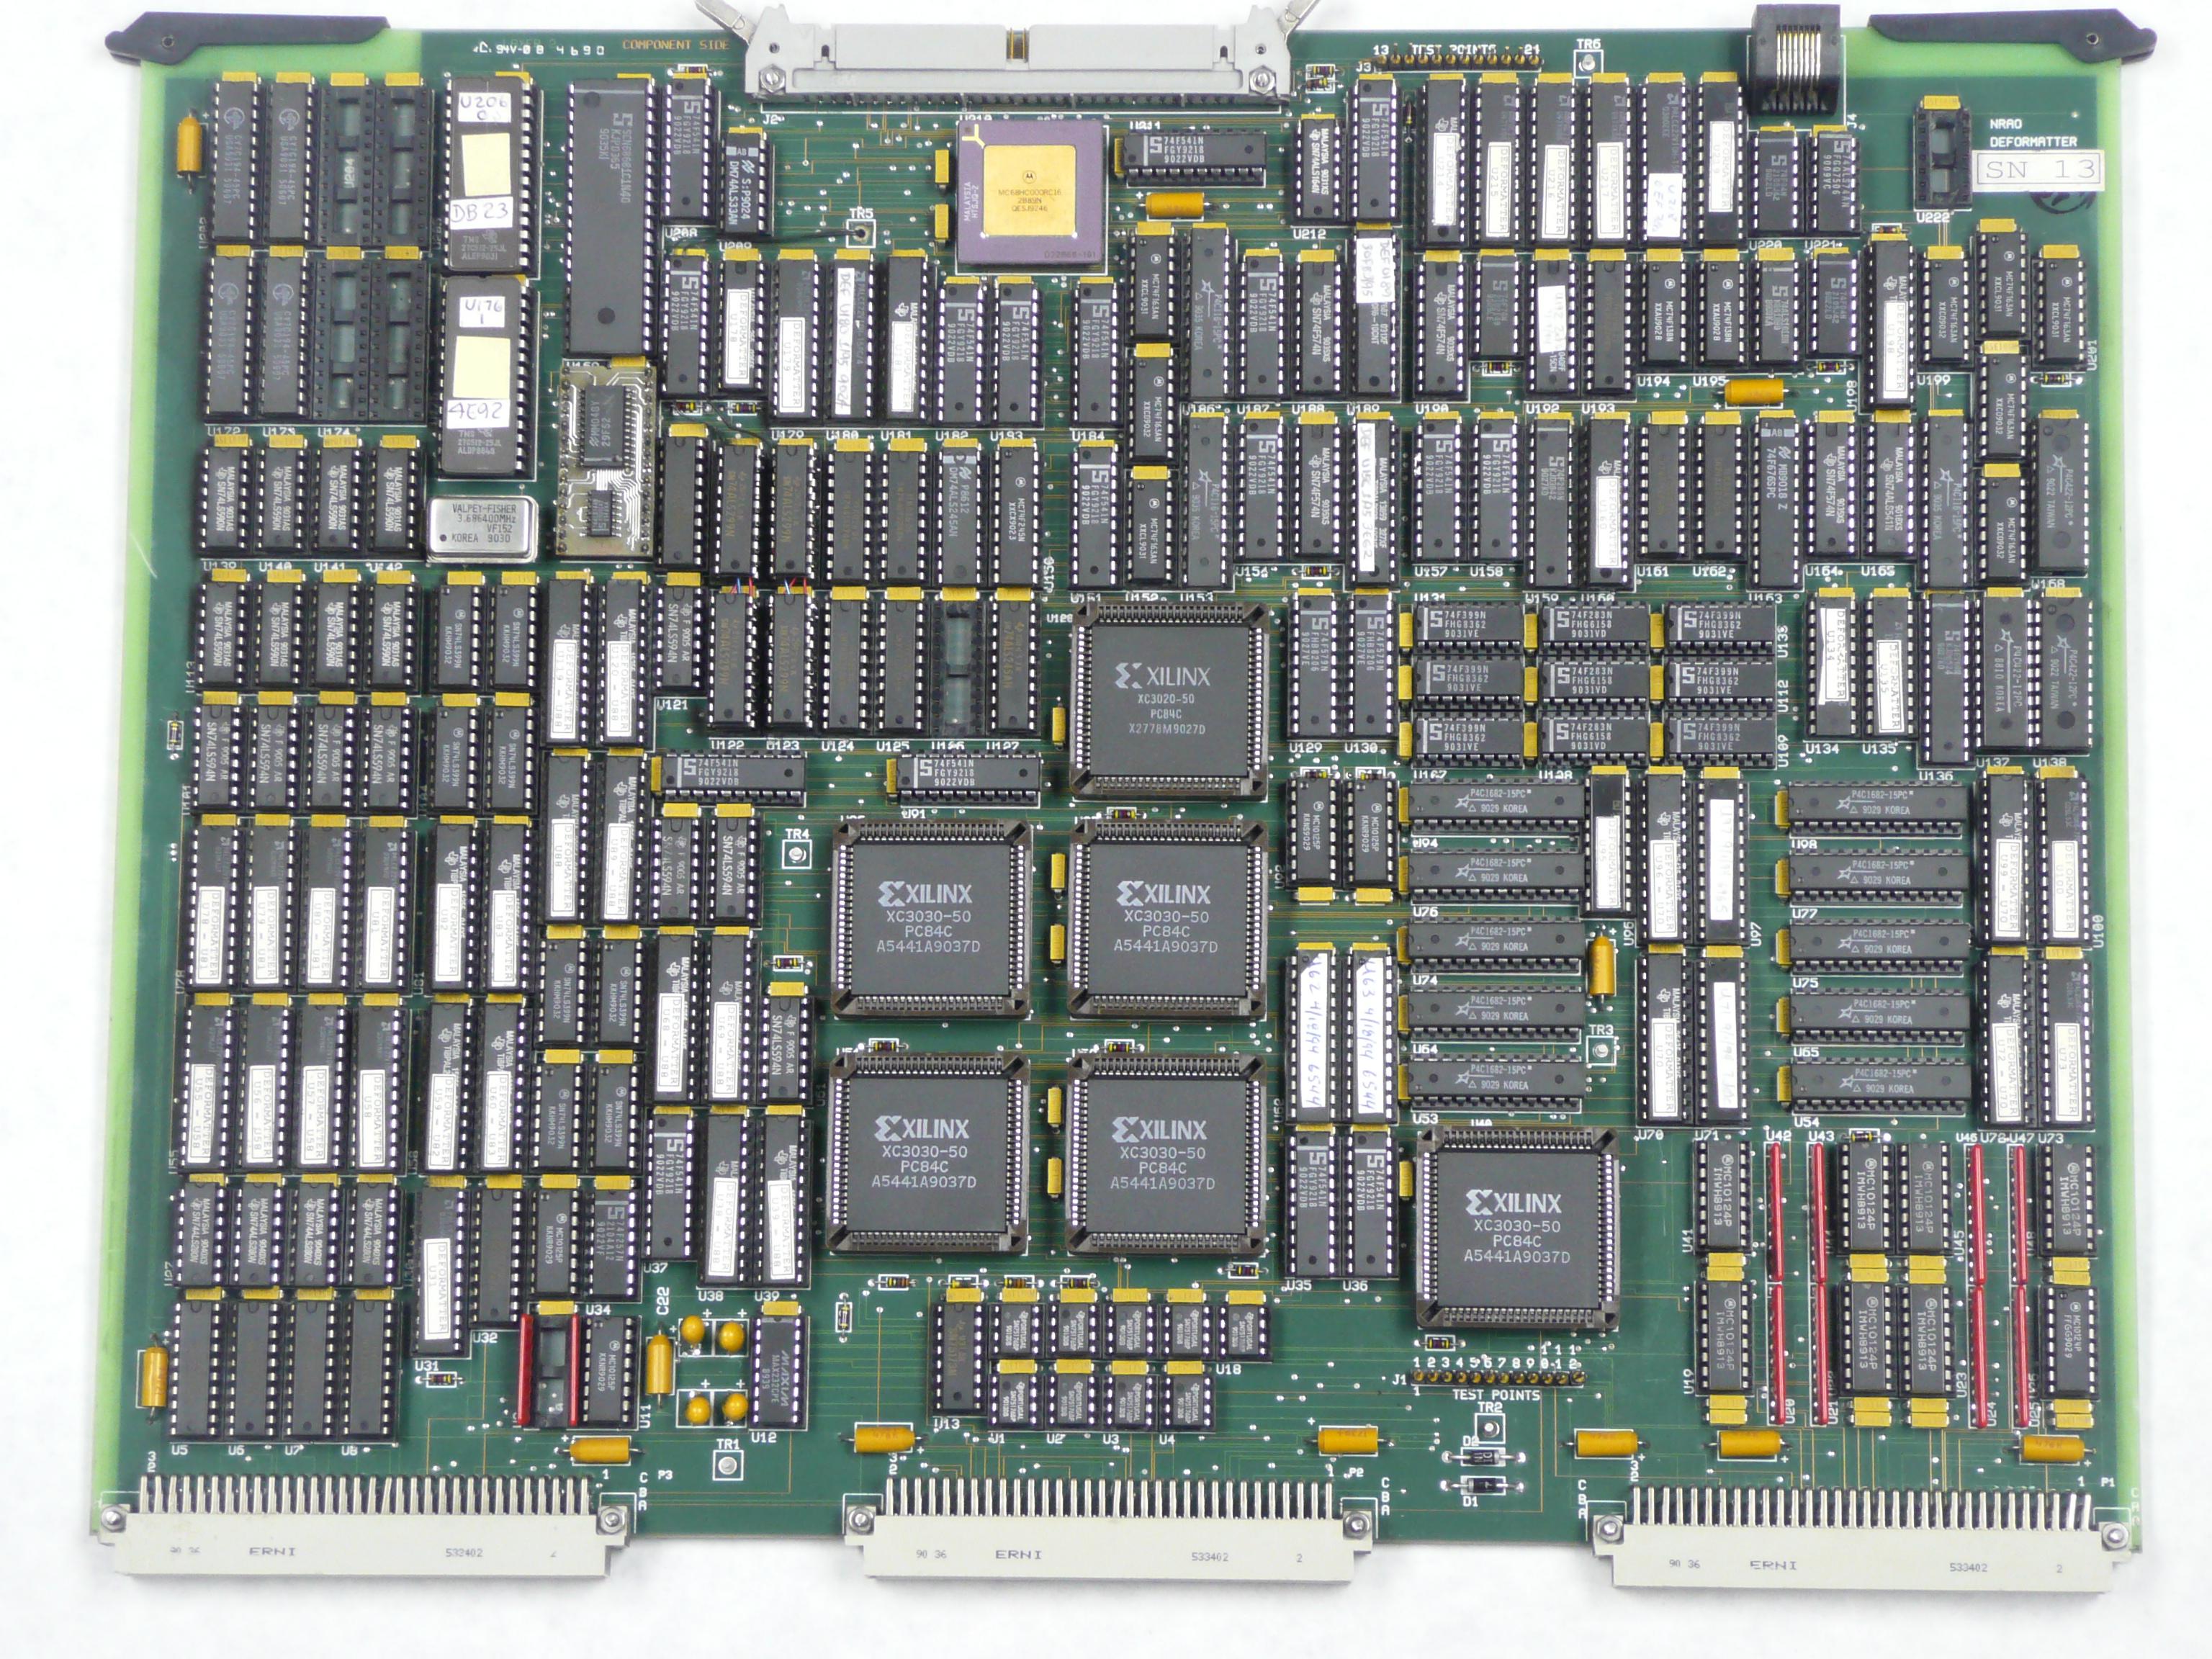 VLBA Deformatter Board, date unknown